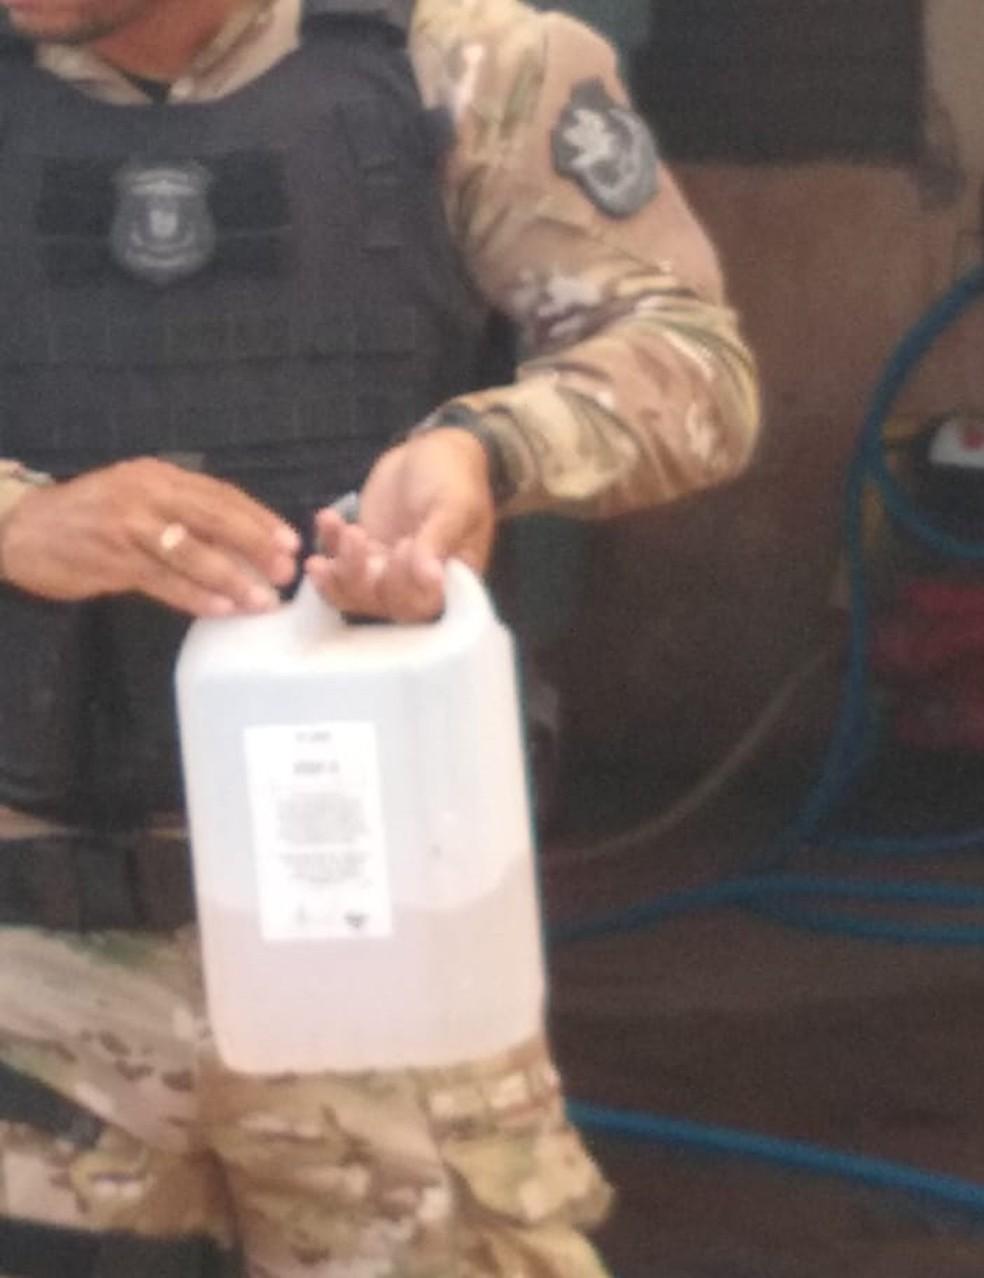 Galão com combustível foi encontrado com o pai preso em Cuiabá — Foto: Polícia Civil de Mato Grosso/Assessoria